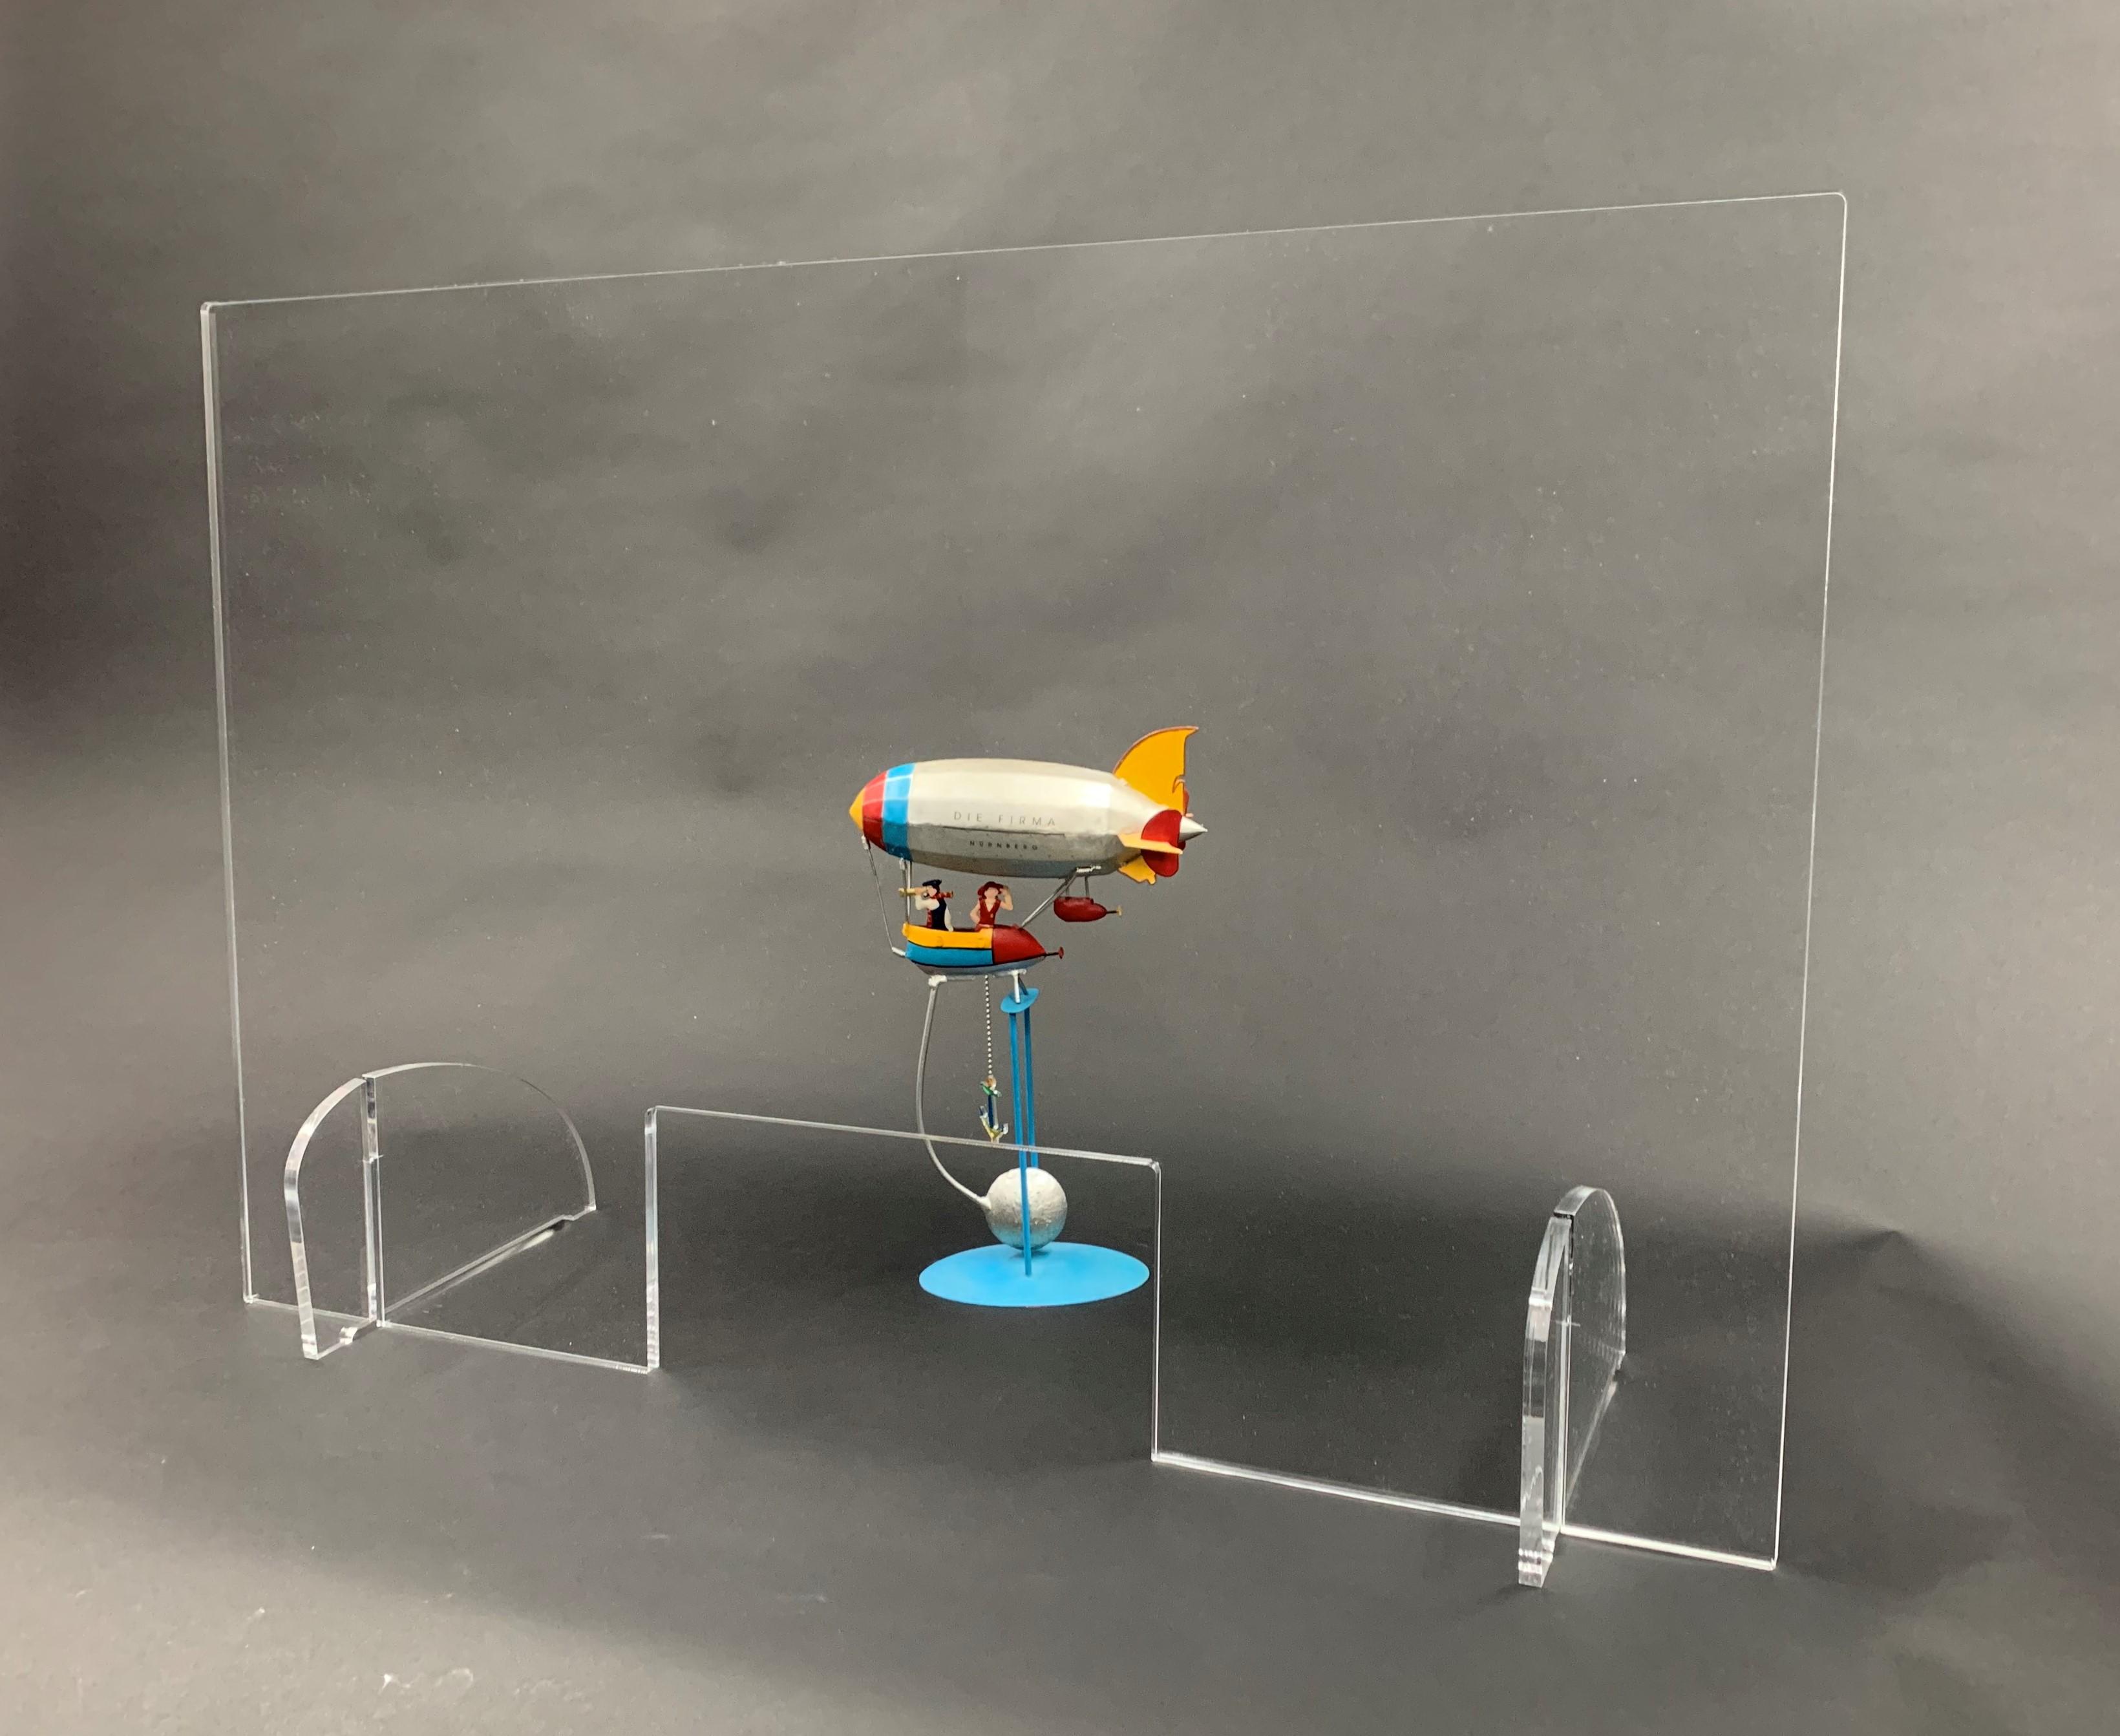 Spuckschutz 900x600mm (bxh) Aufsteller steckbar (Werkzeuglose Montage), inkl. Durchreiche 300x150mm (bxh)